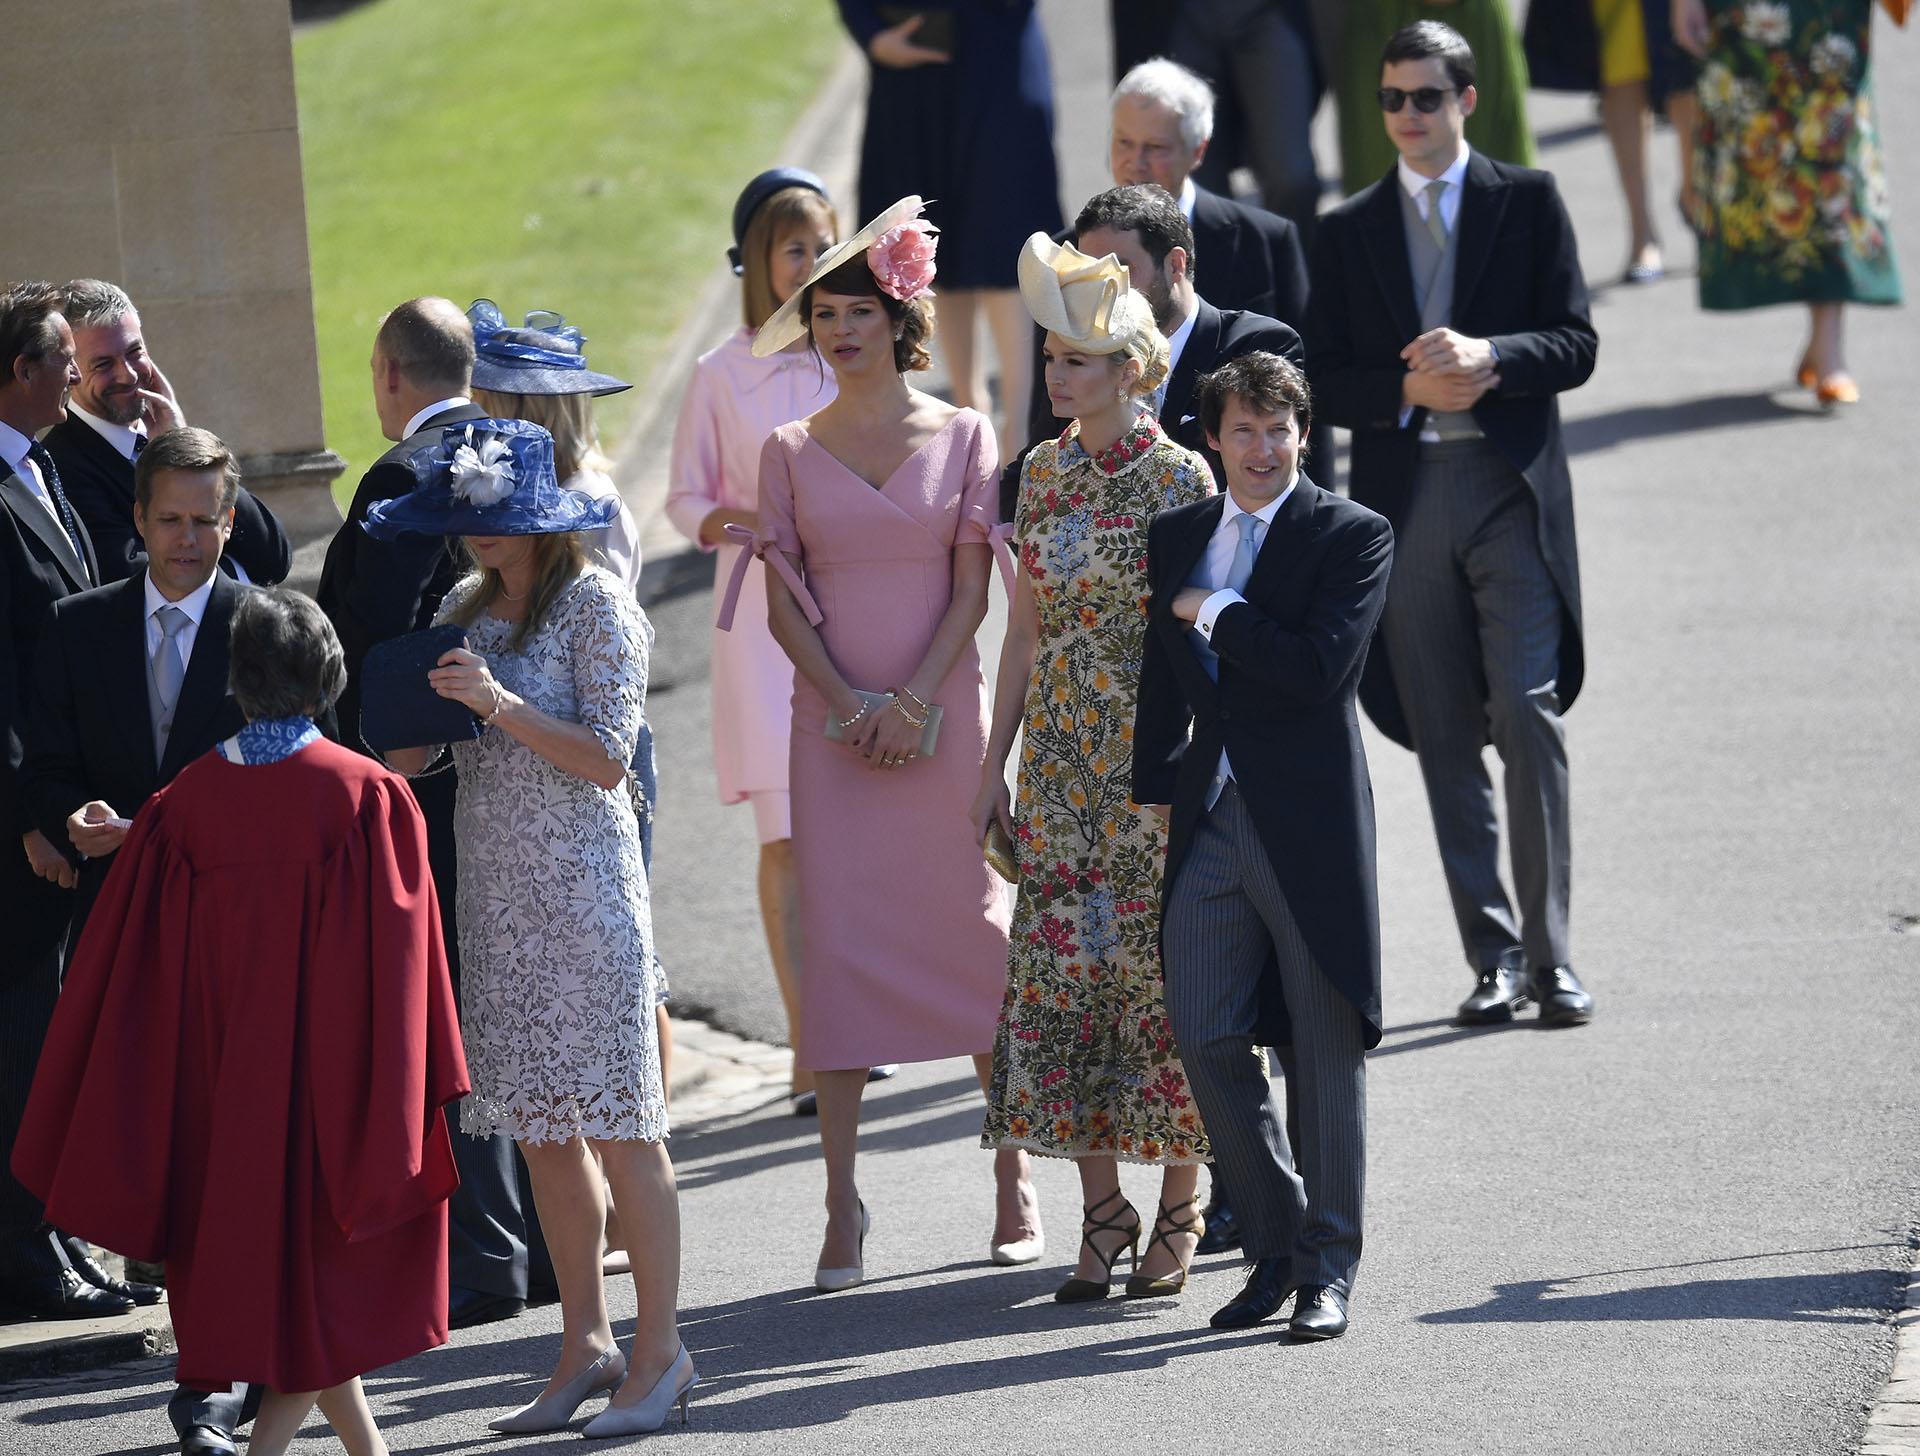 James Blunt y su mujer Sofía esperan apra ingresar a la capilla de St. George (AP)